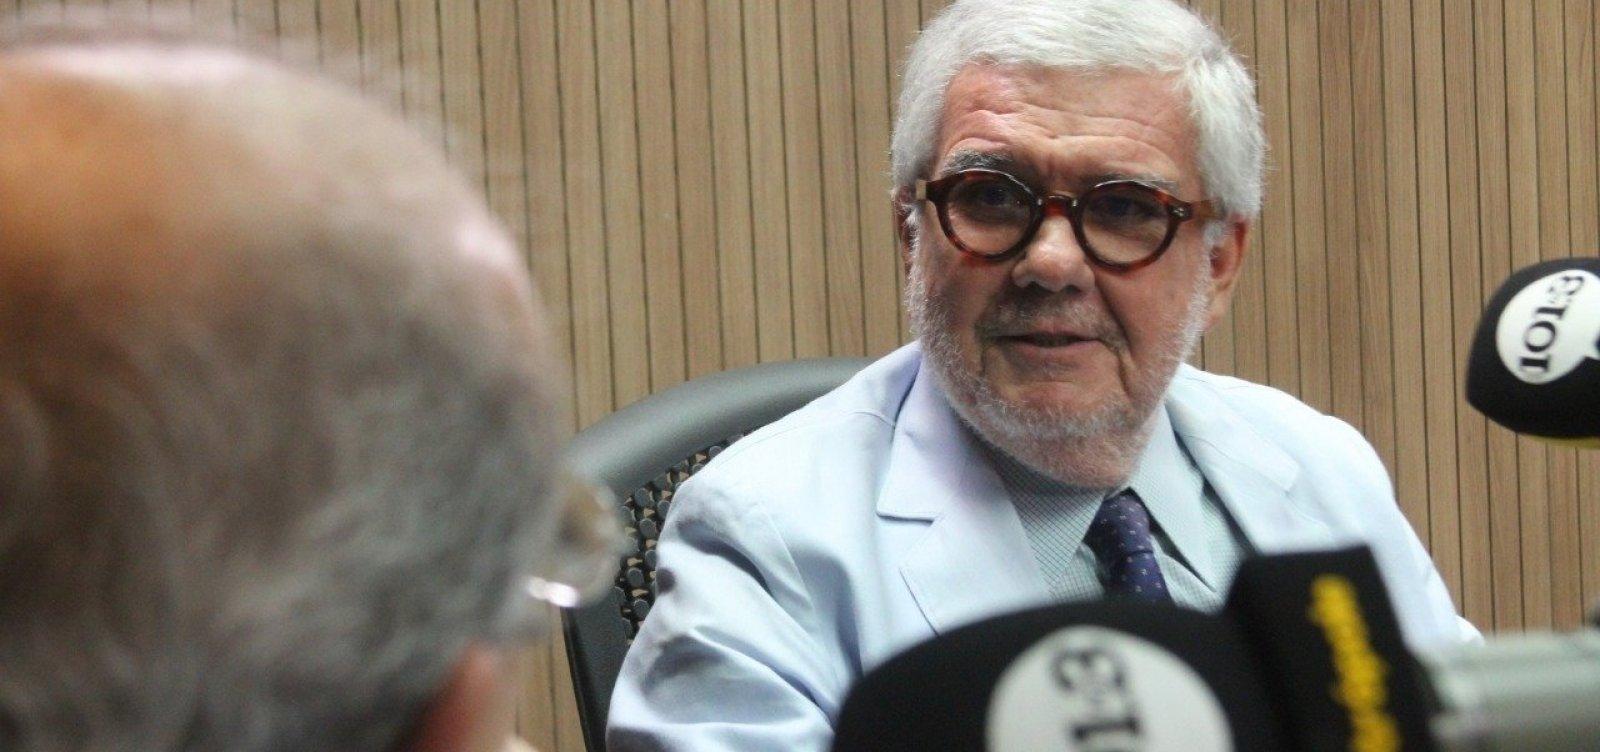 Conselheiro Fernando Vita recorda primeiros anos como jornalista